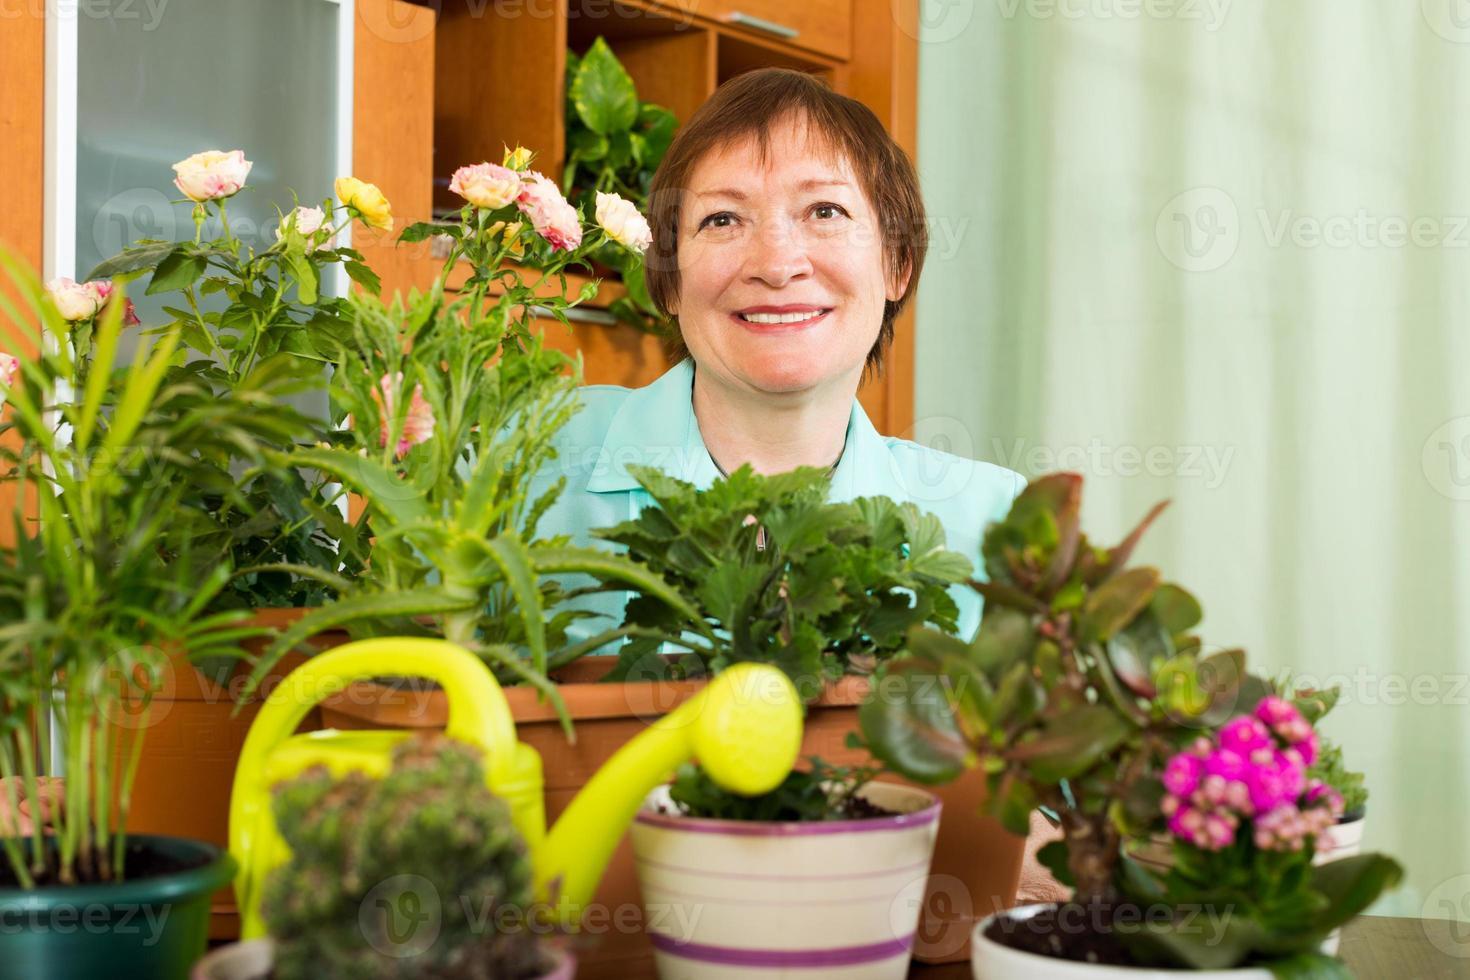 jardinero maduro femenino con plantas sonriendo foto